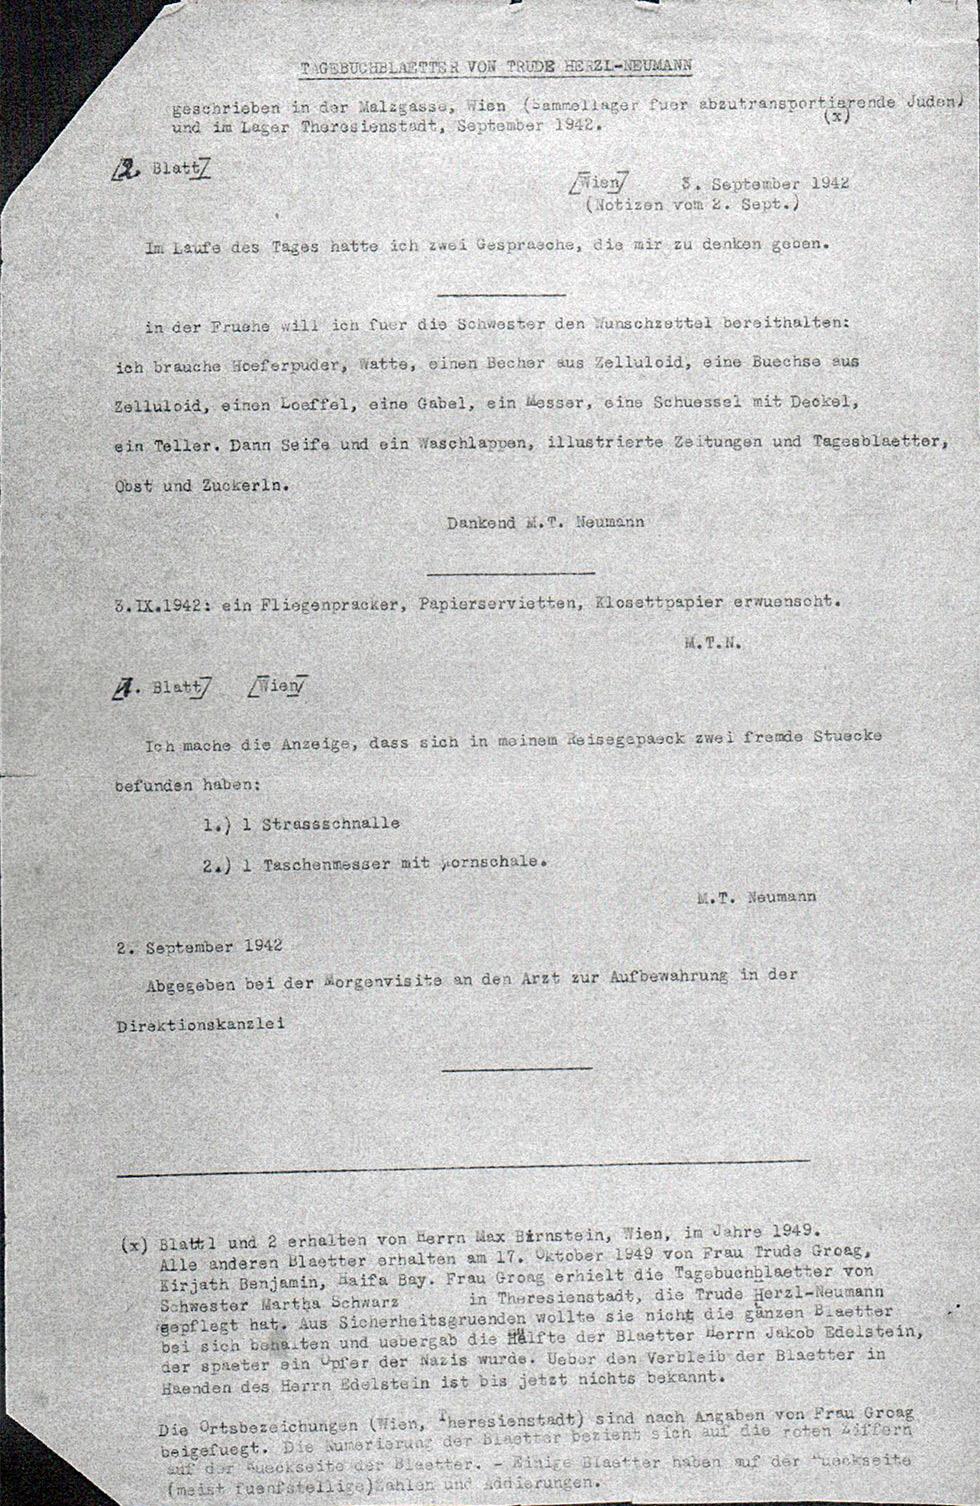 מתוך היומנים שנמצאו לאחרונה. טרודה כתבה בכתב יד, ולאחר המלחמה הוקלדו חלקים מהיומן ()